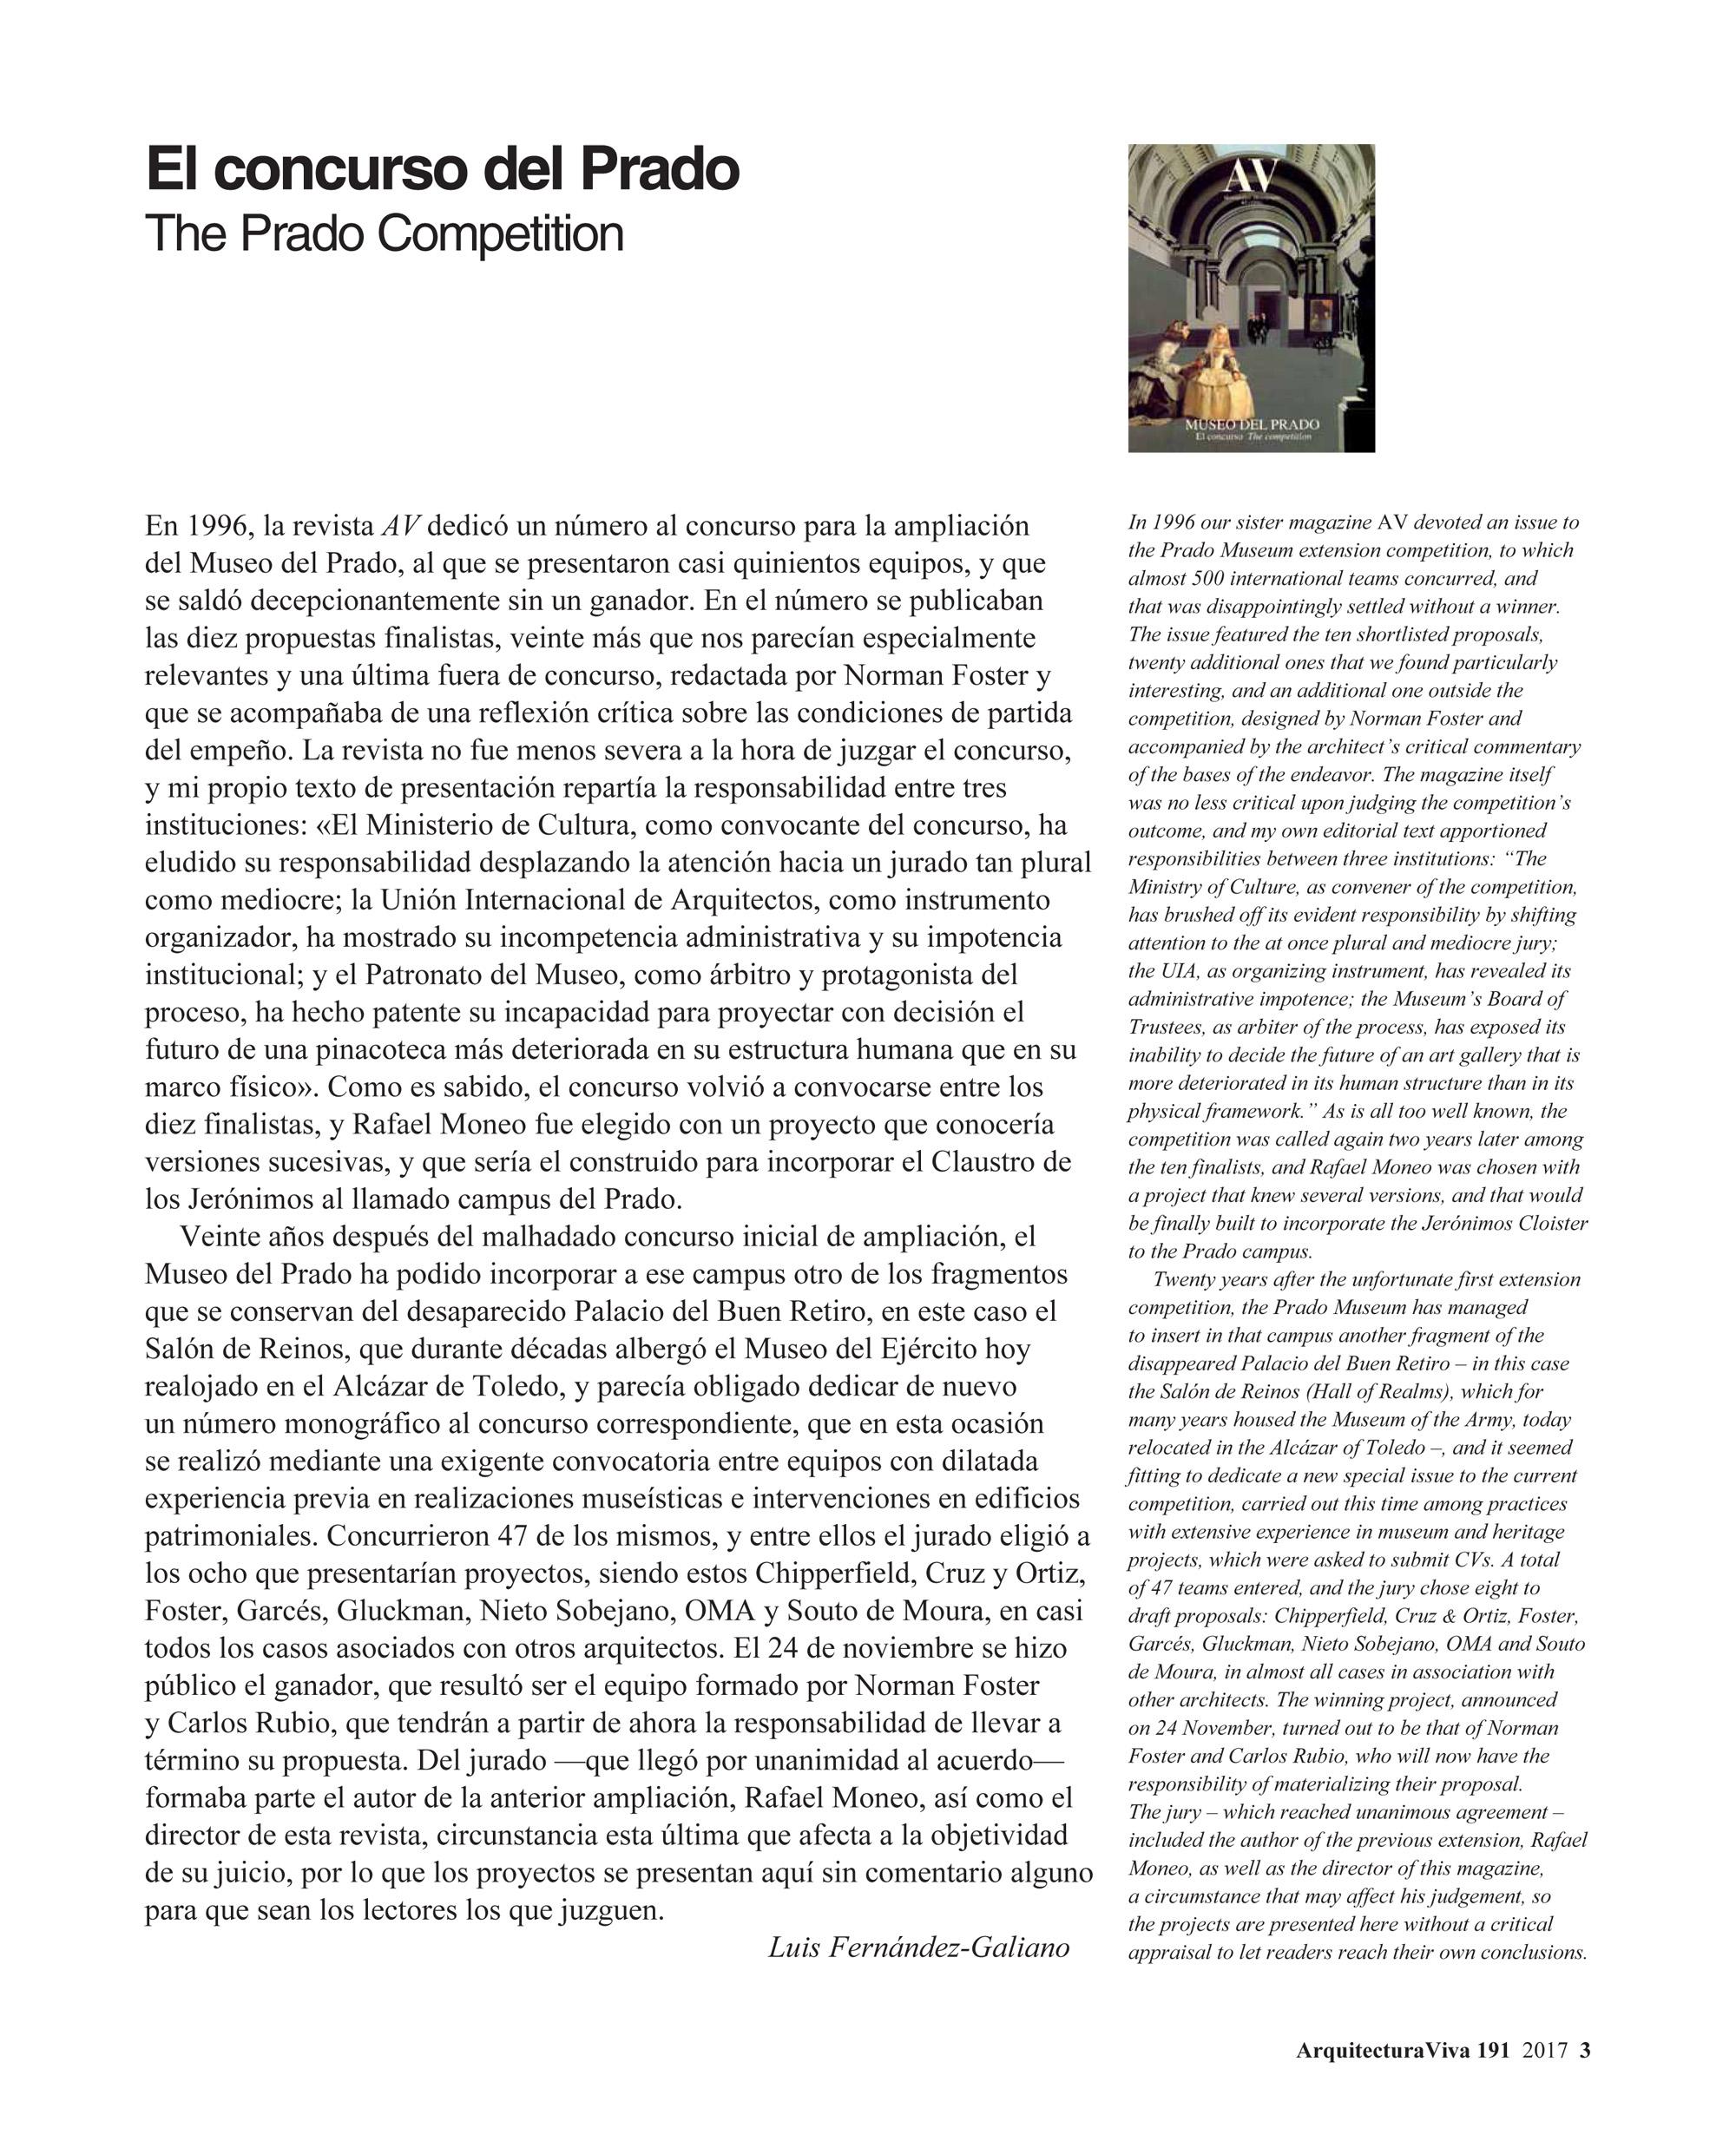 El concurso del Prado